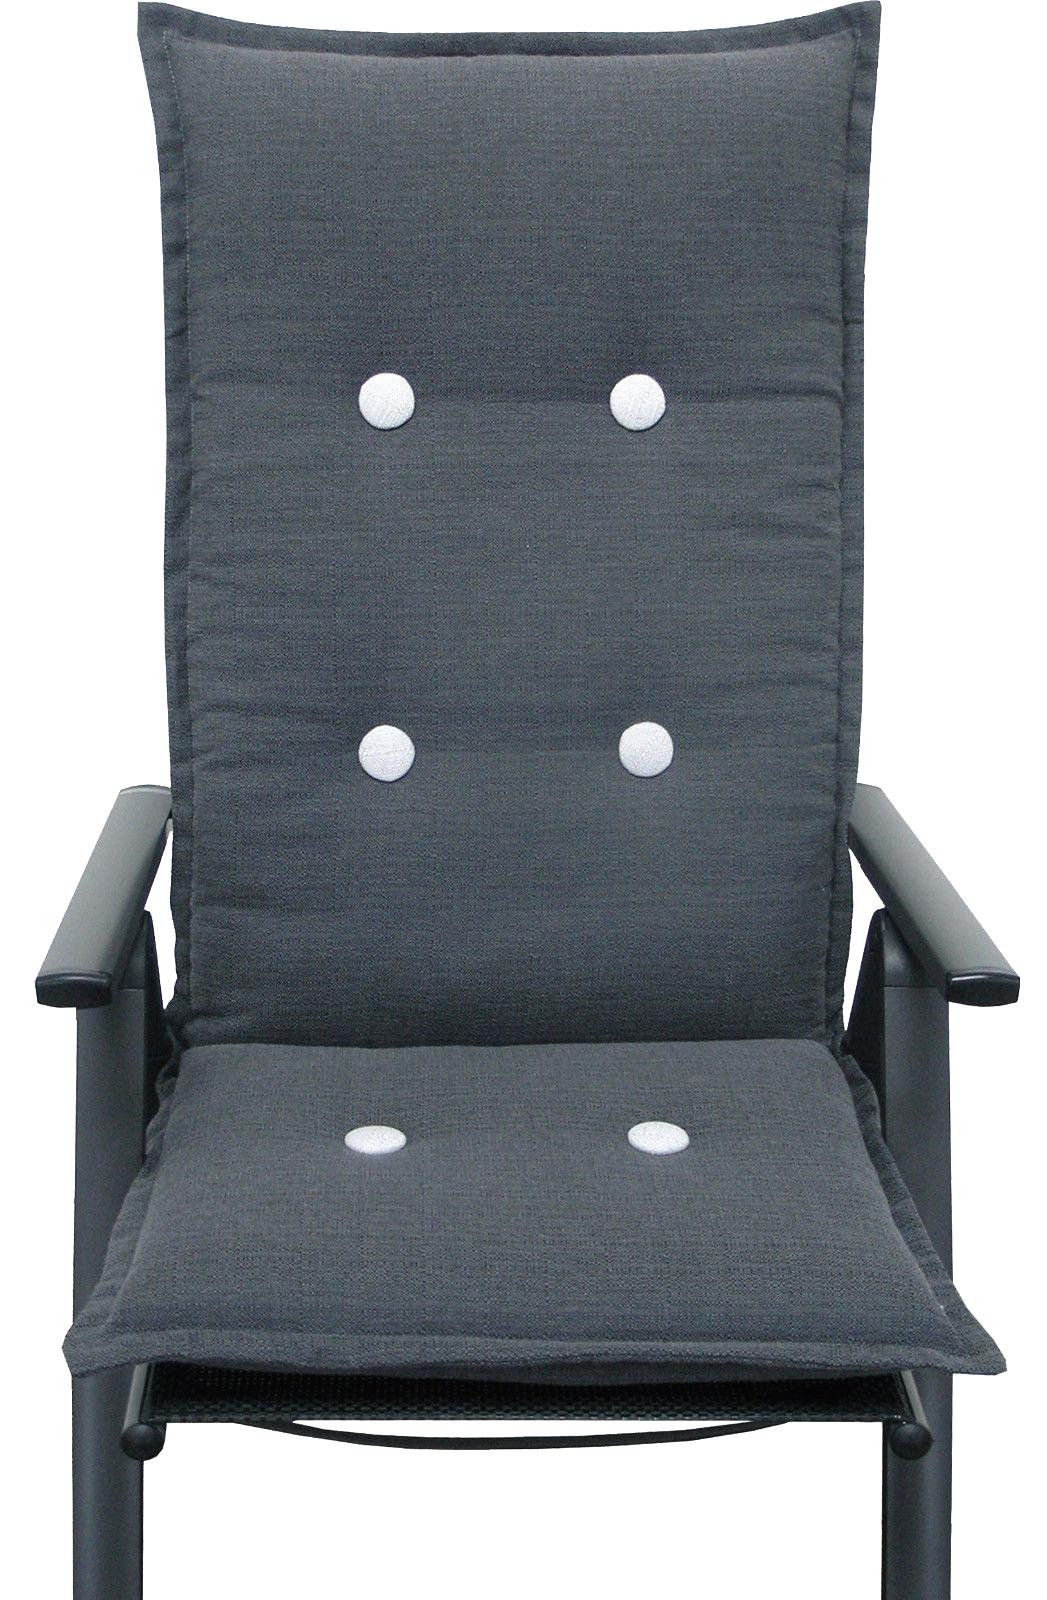 sitzauflagen hochlehner stuhlauflage gartenm bel kissen sitzkissen gartenstuhl ebay. Black Bedroom Furniture Sets. Home Design Ideas